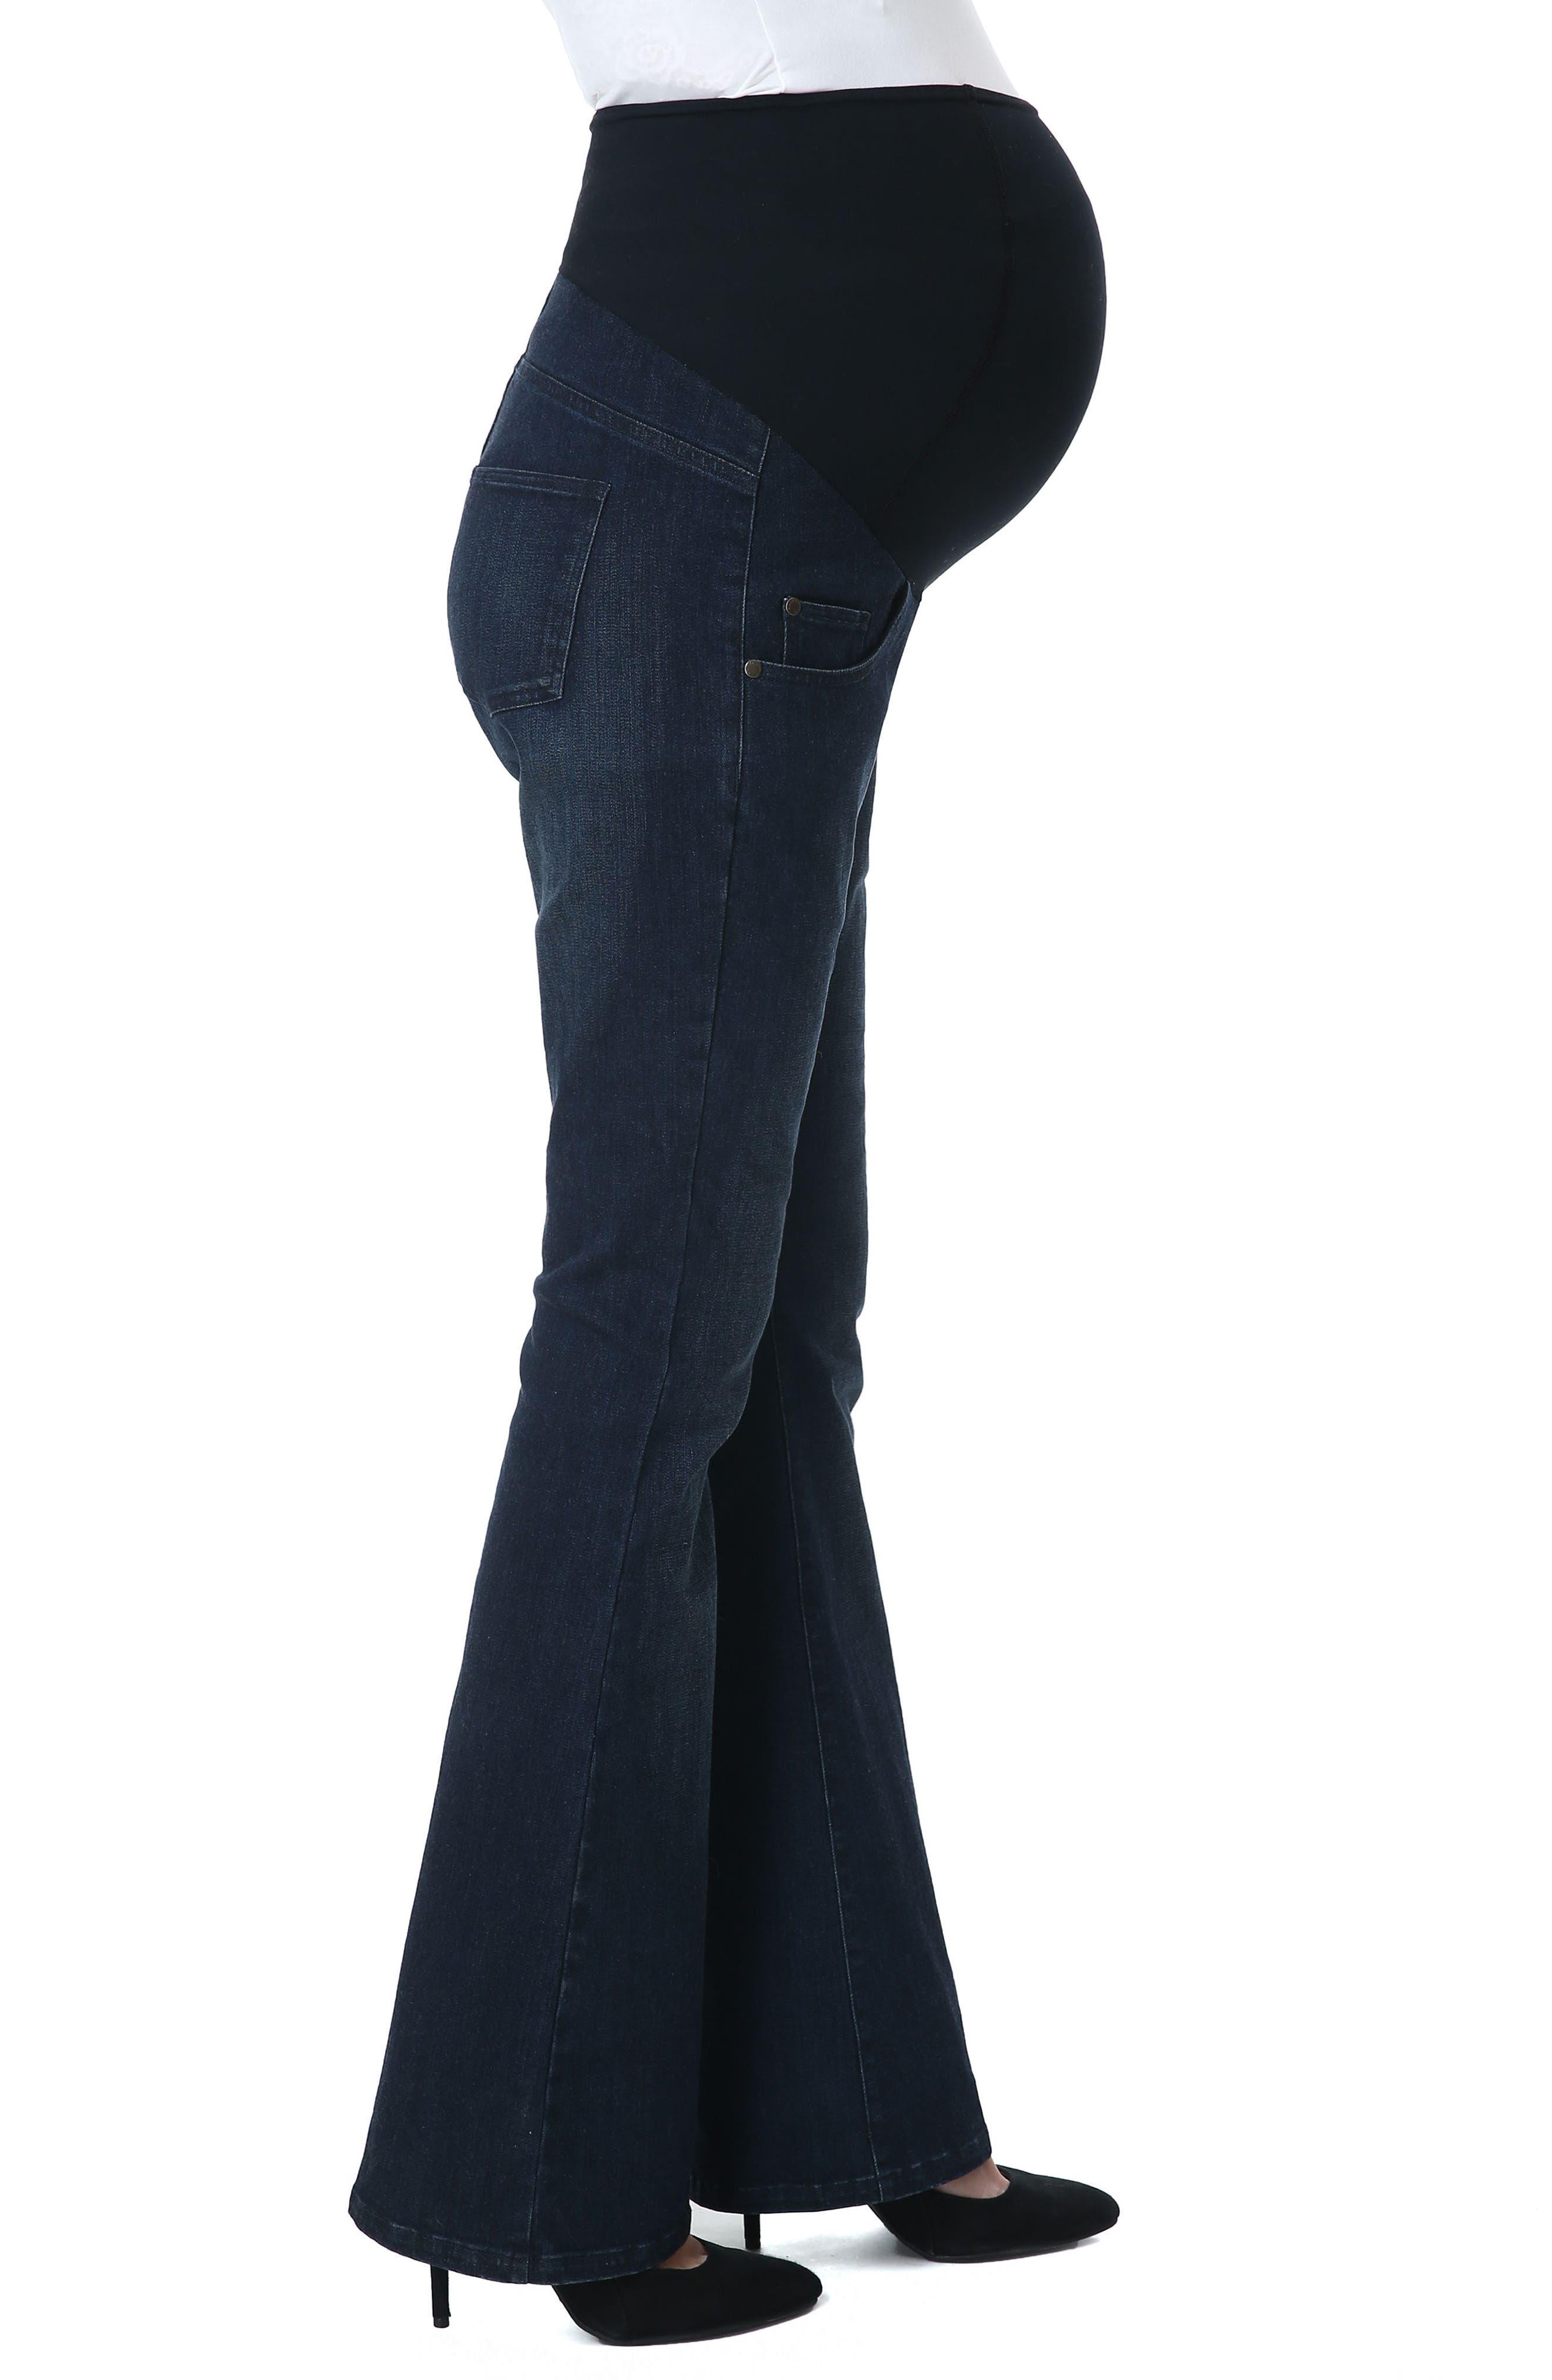 Leni Maternity Bootcut Jeans,                             Alternate thumbnail 3, color,                             Black/ Blue